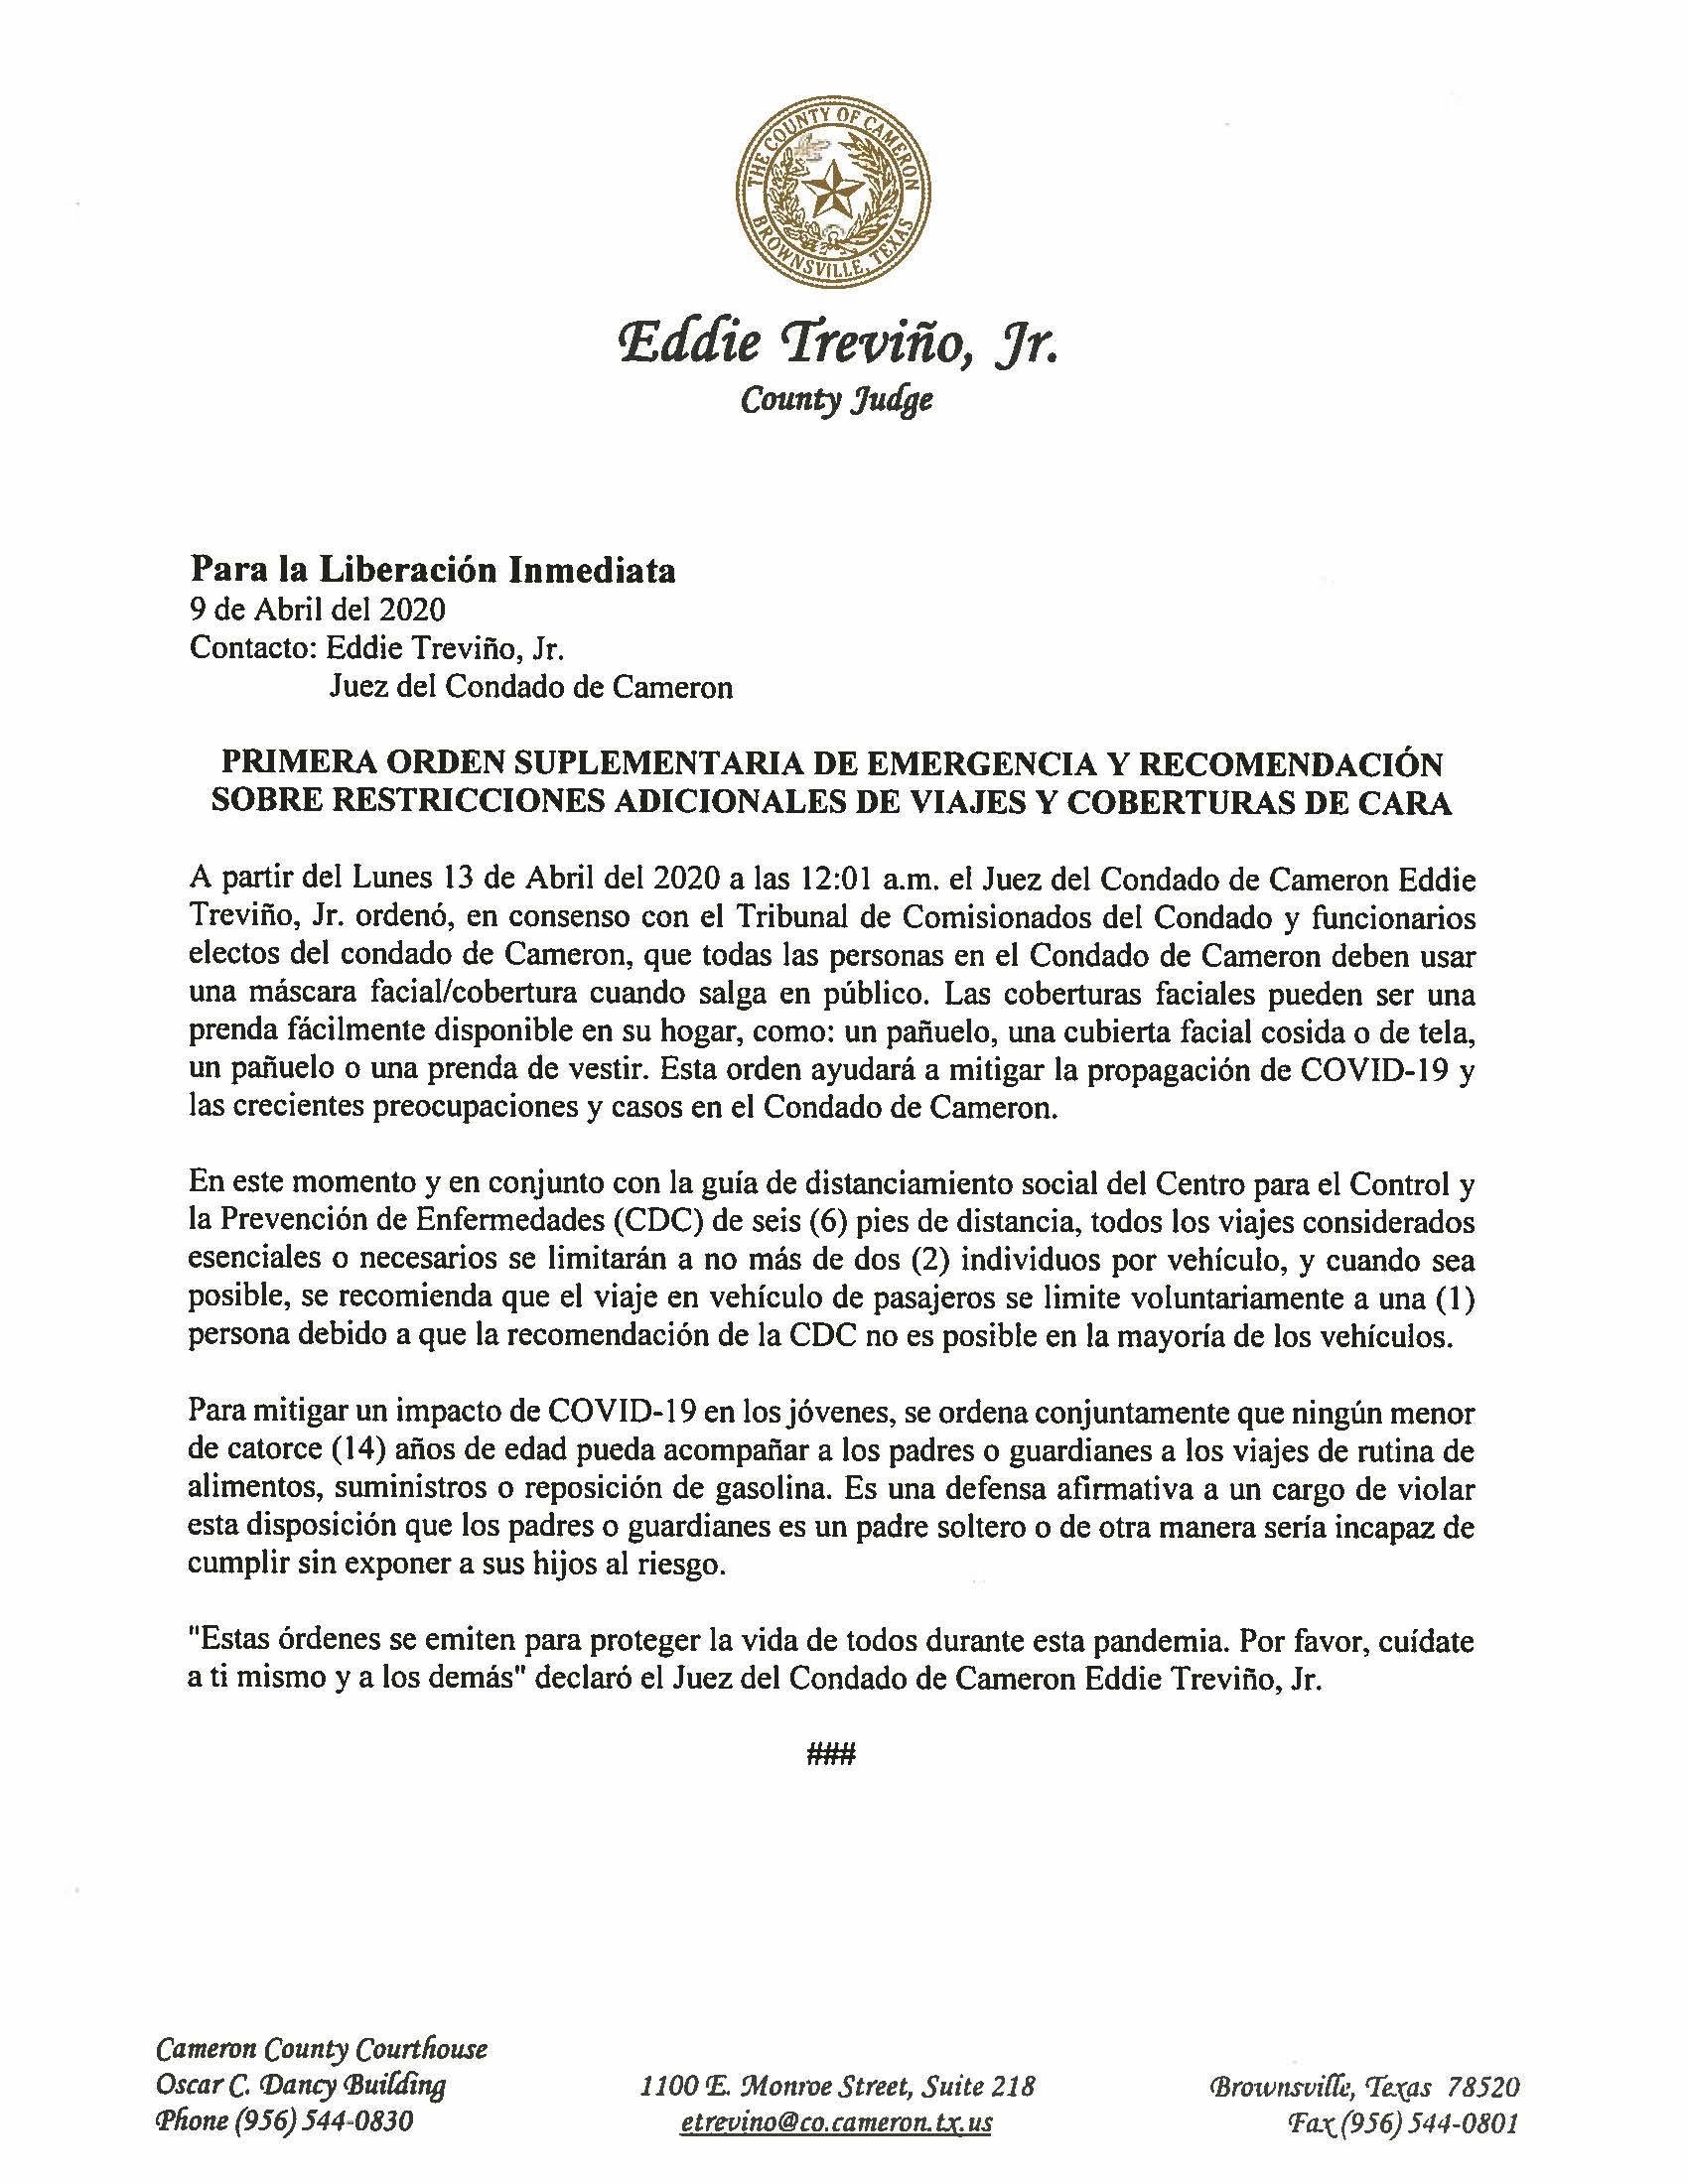 04.09.2020 Para La Liberacion Inmediata Primera Orden Suplementaria De Emergencia Y Recomendacion Sobre Restricciones Adicionales De Viajes Y Coberturas De Cara